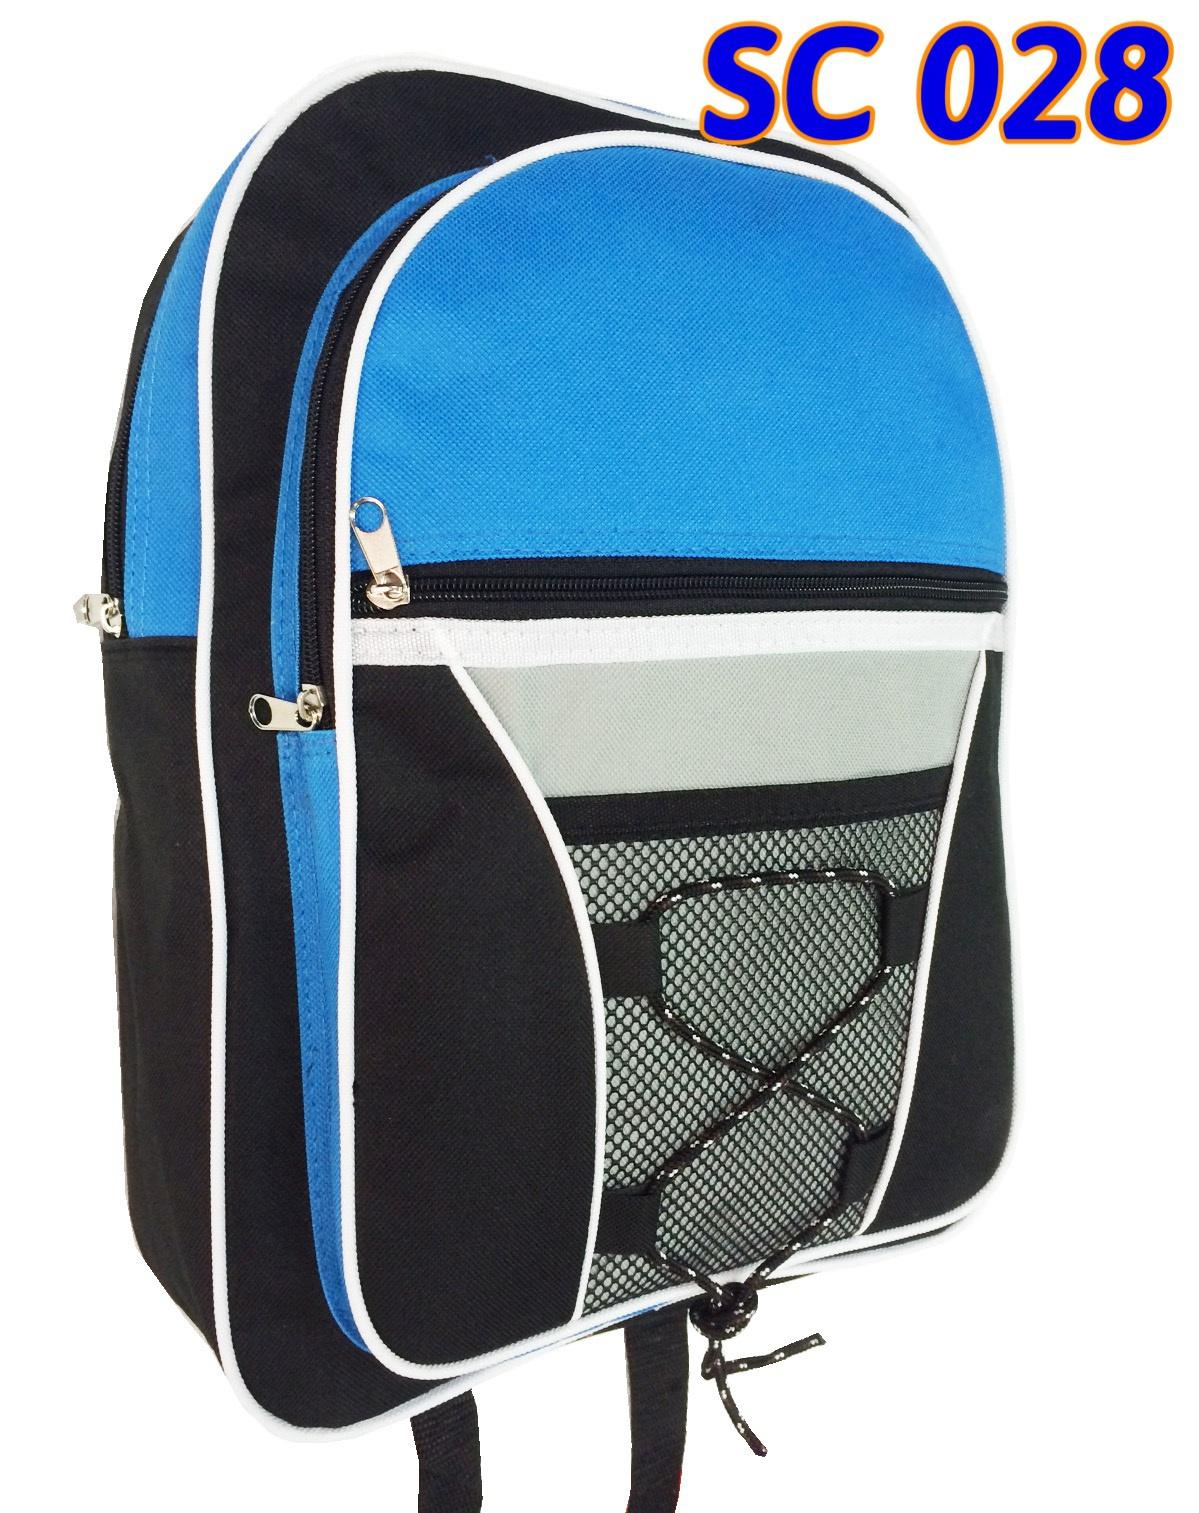 กระเป๋านักเรียน เป้นักเรียน SC 028